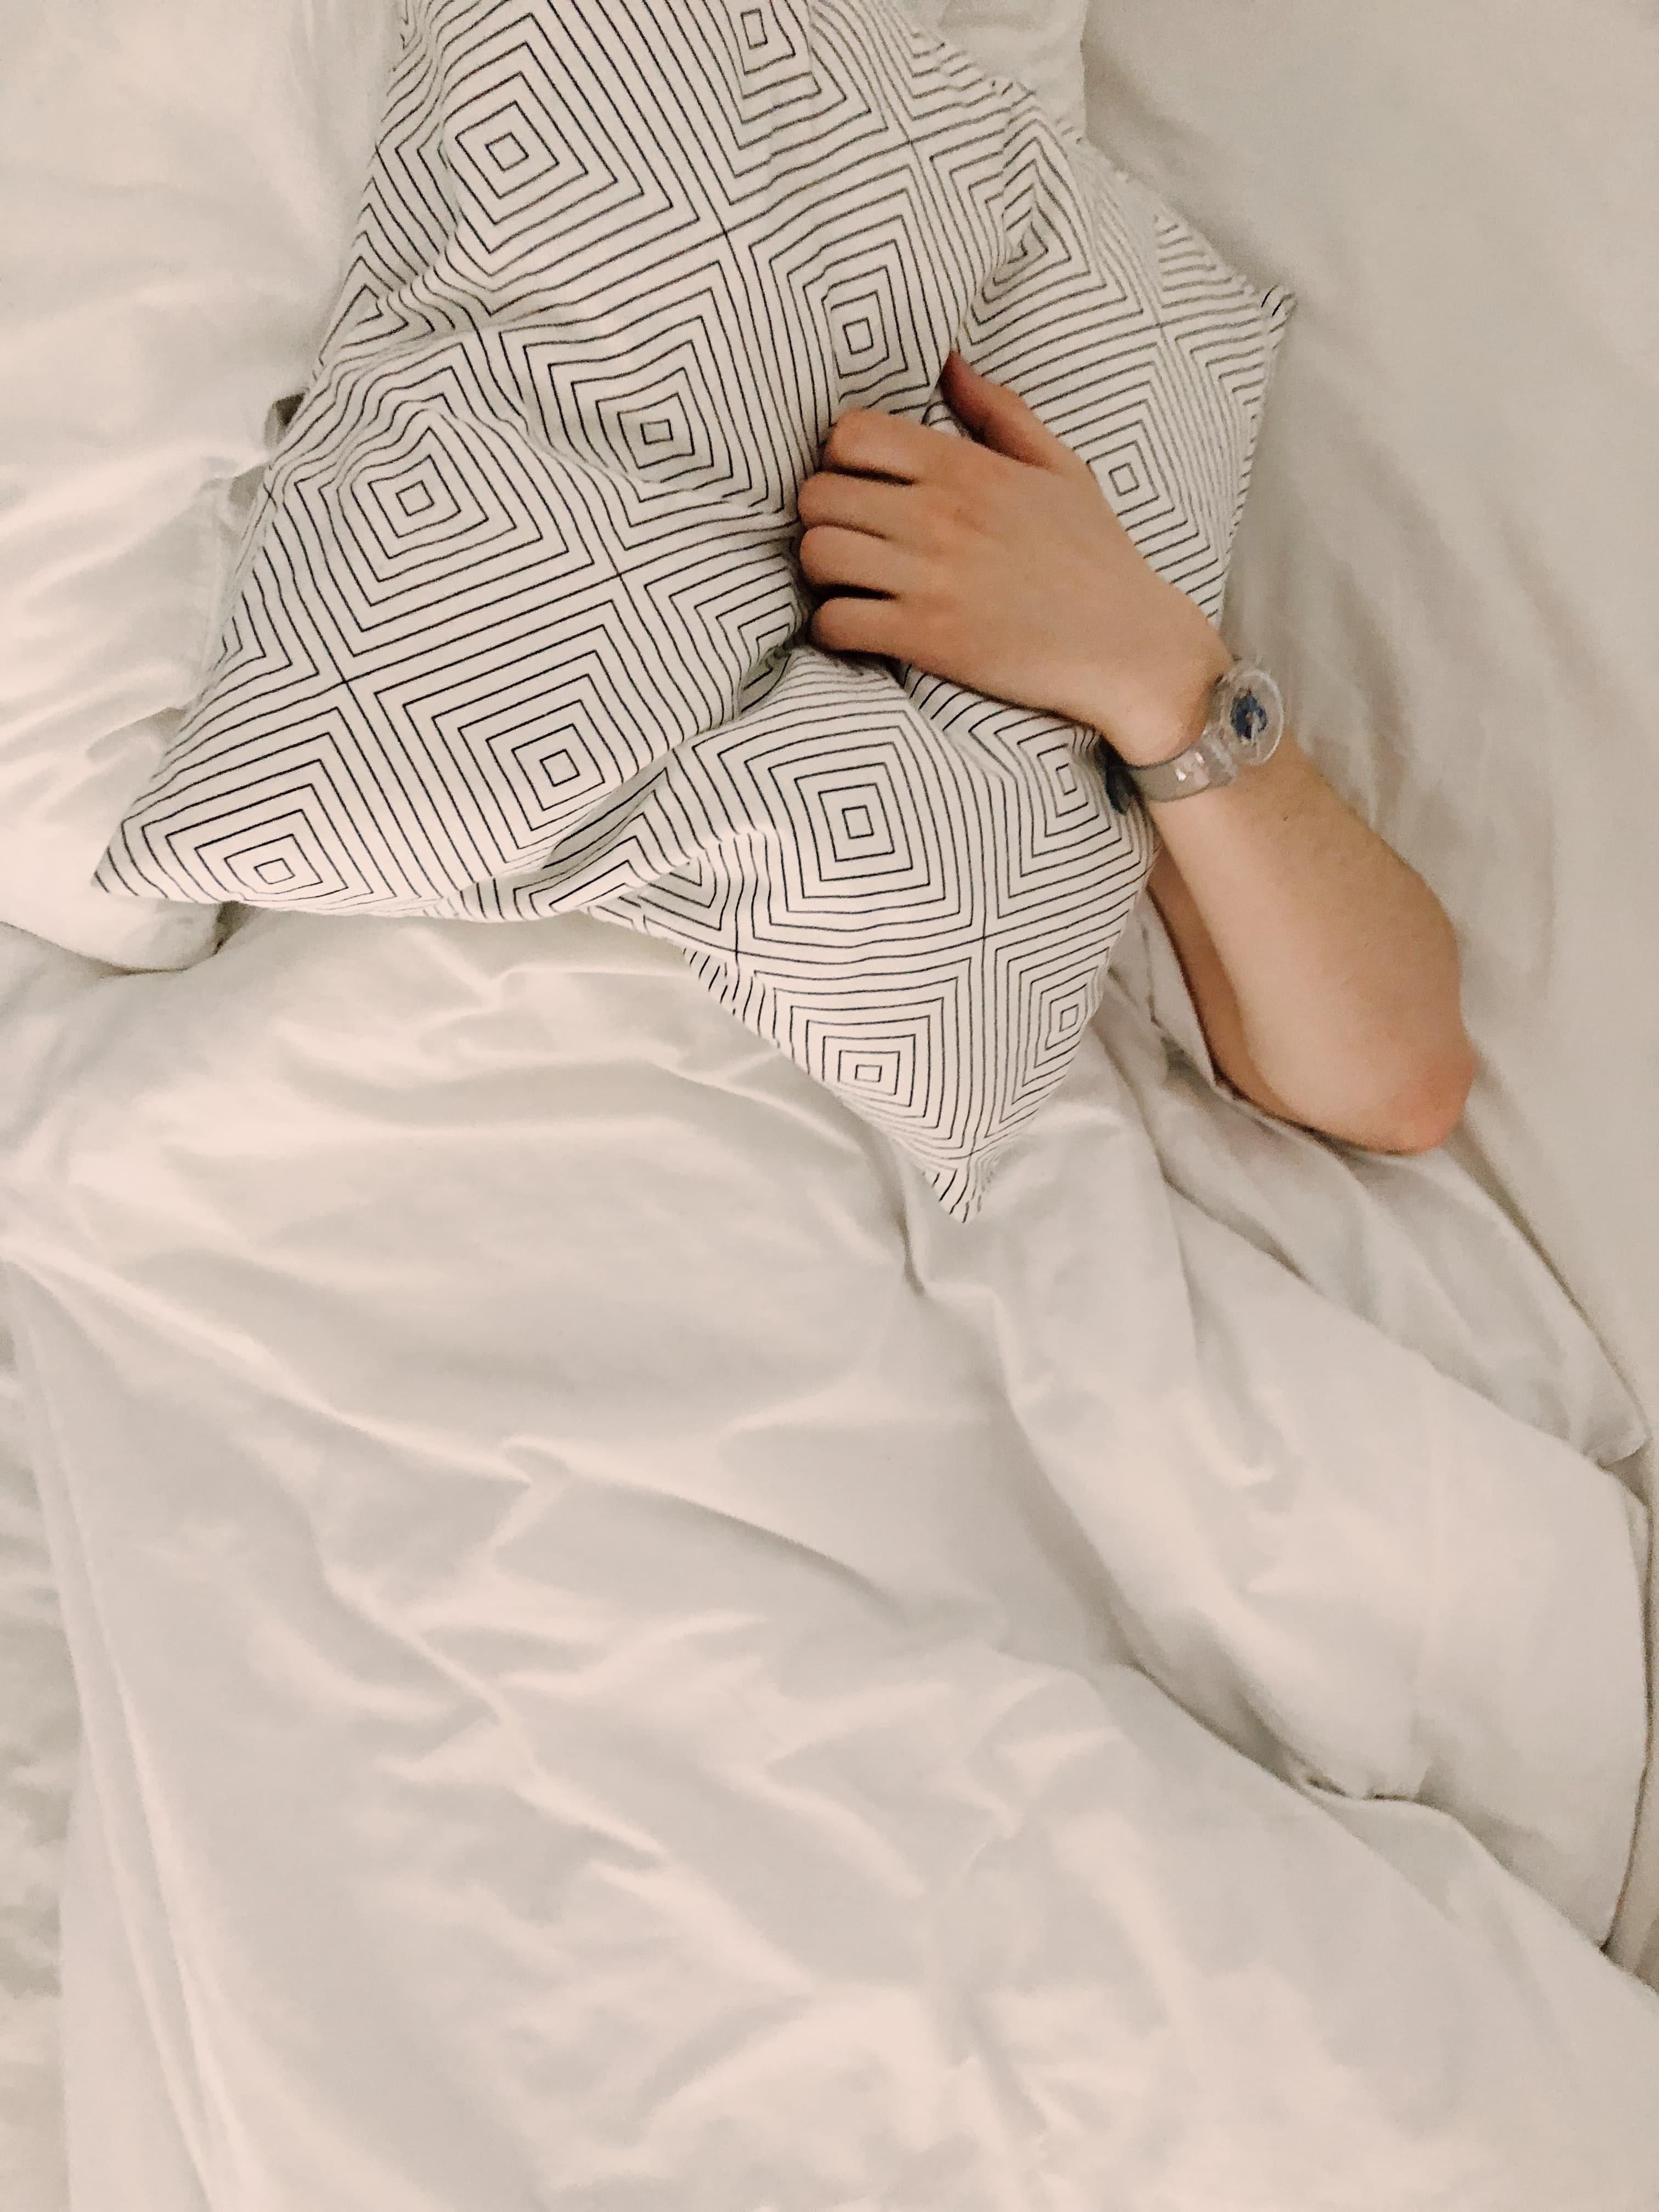 Wie kann man schnell einschlafen?